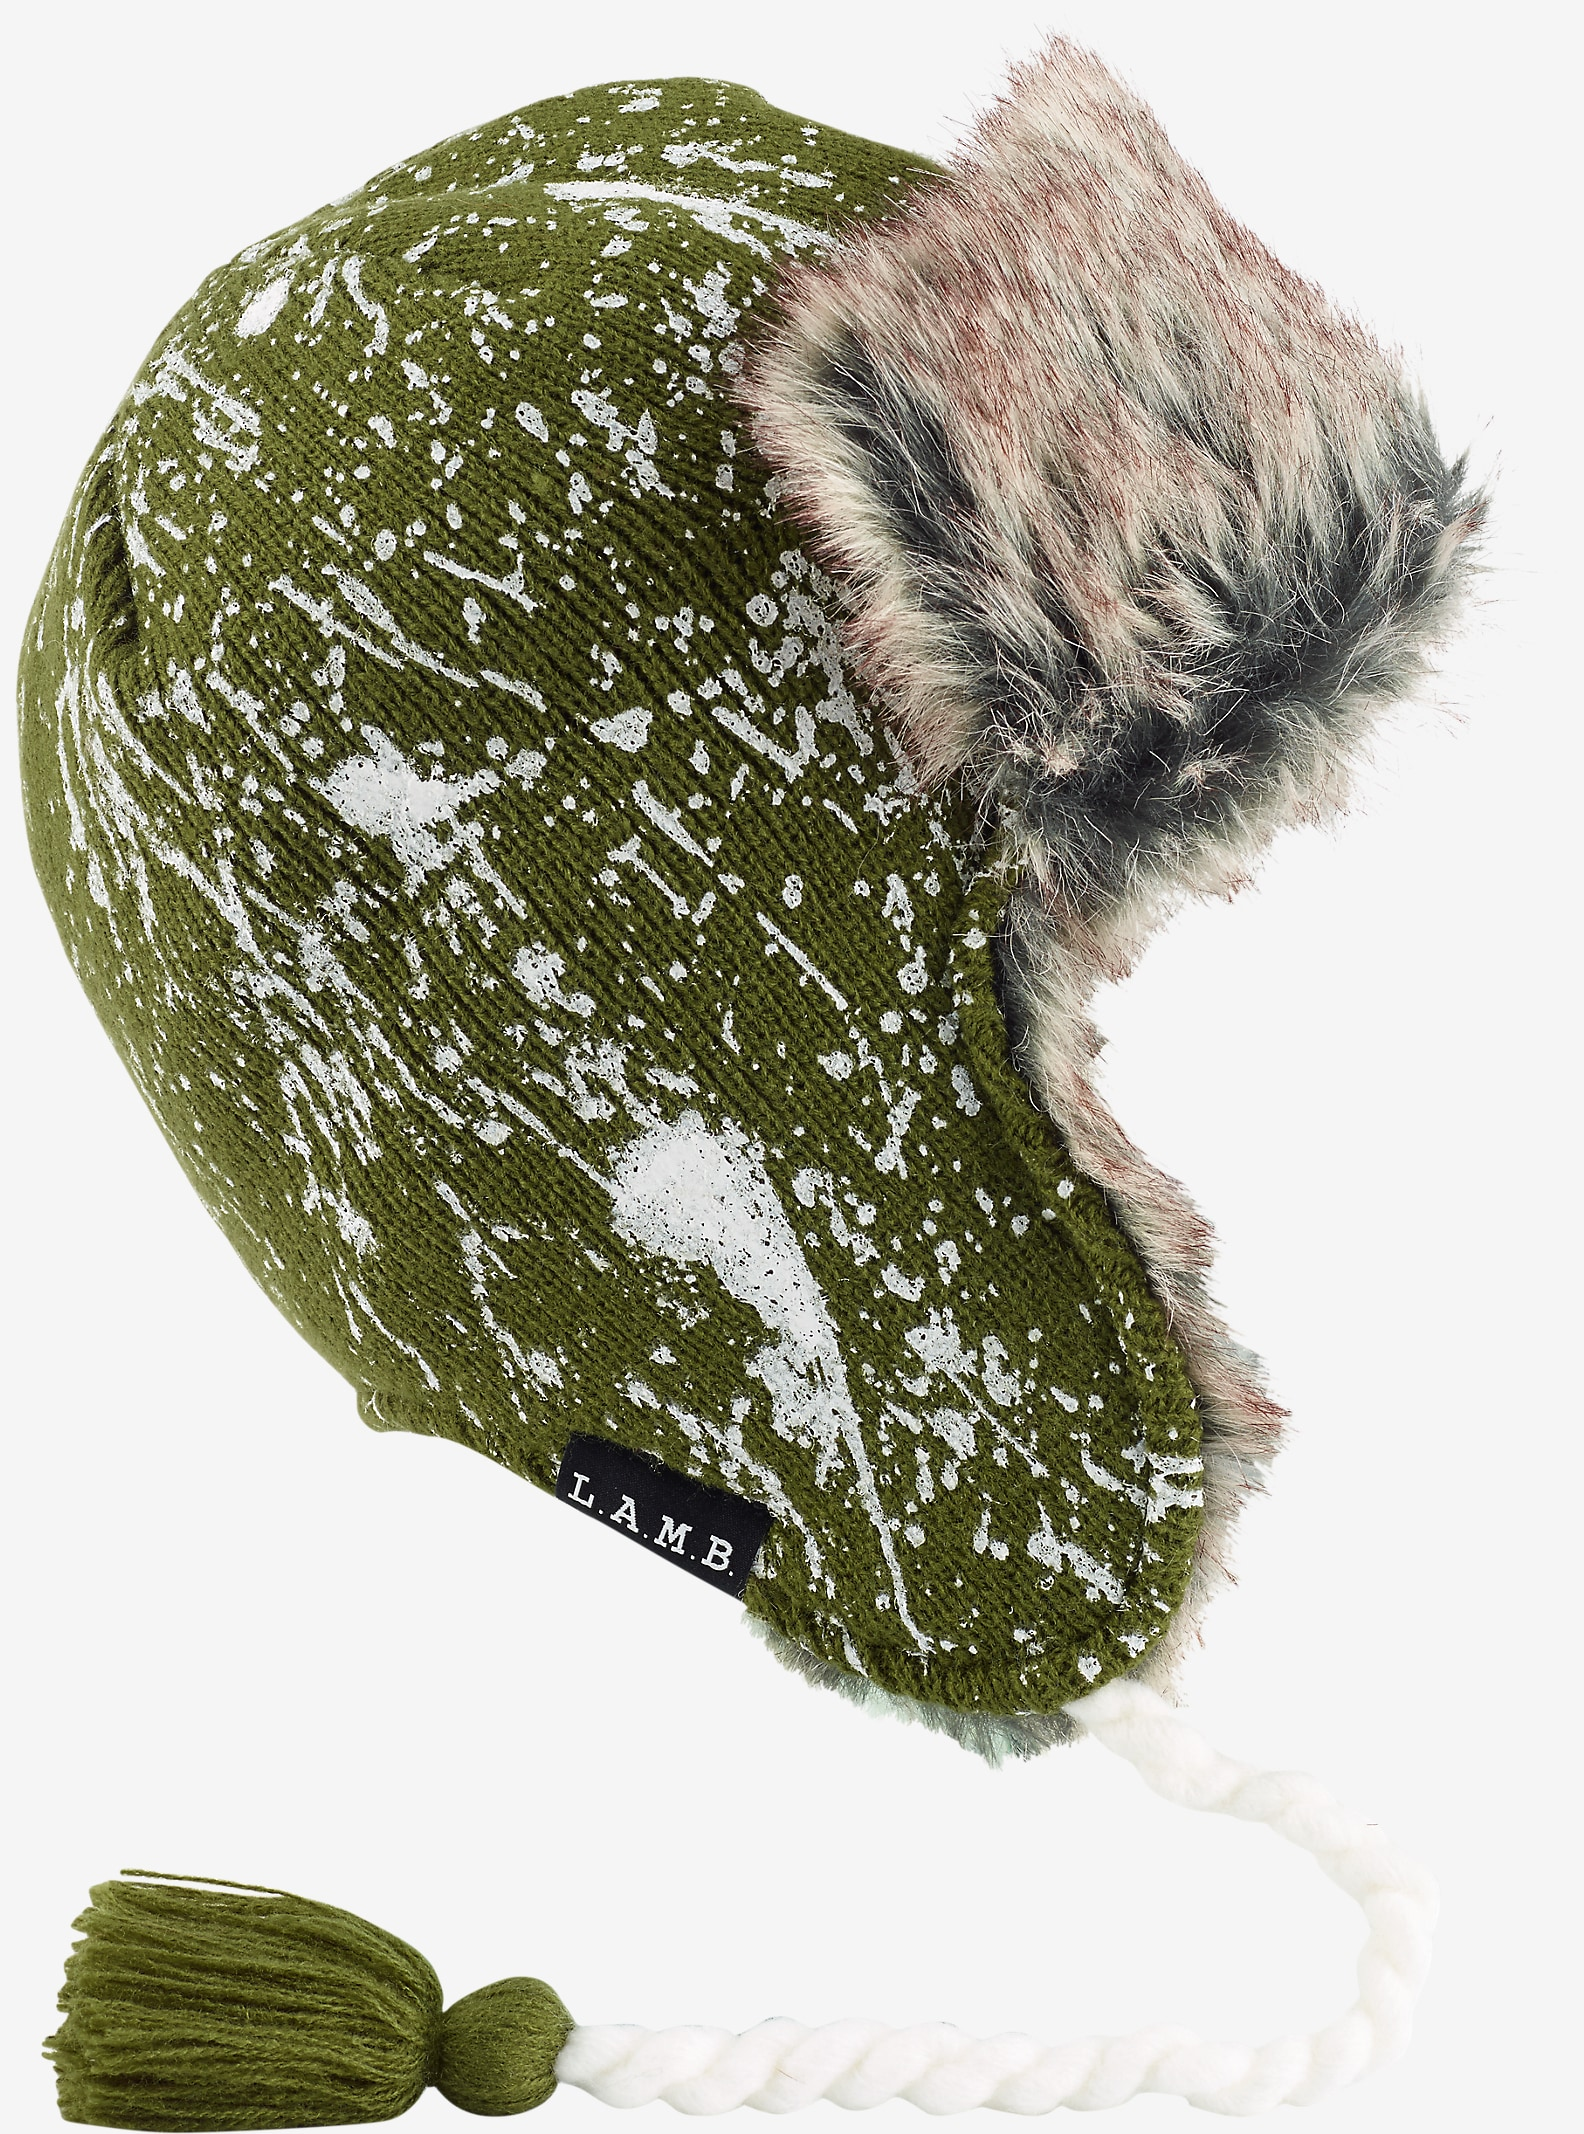 L.A.M.B. x Burton Trapper shown in Dusty Olive Paint Splatter